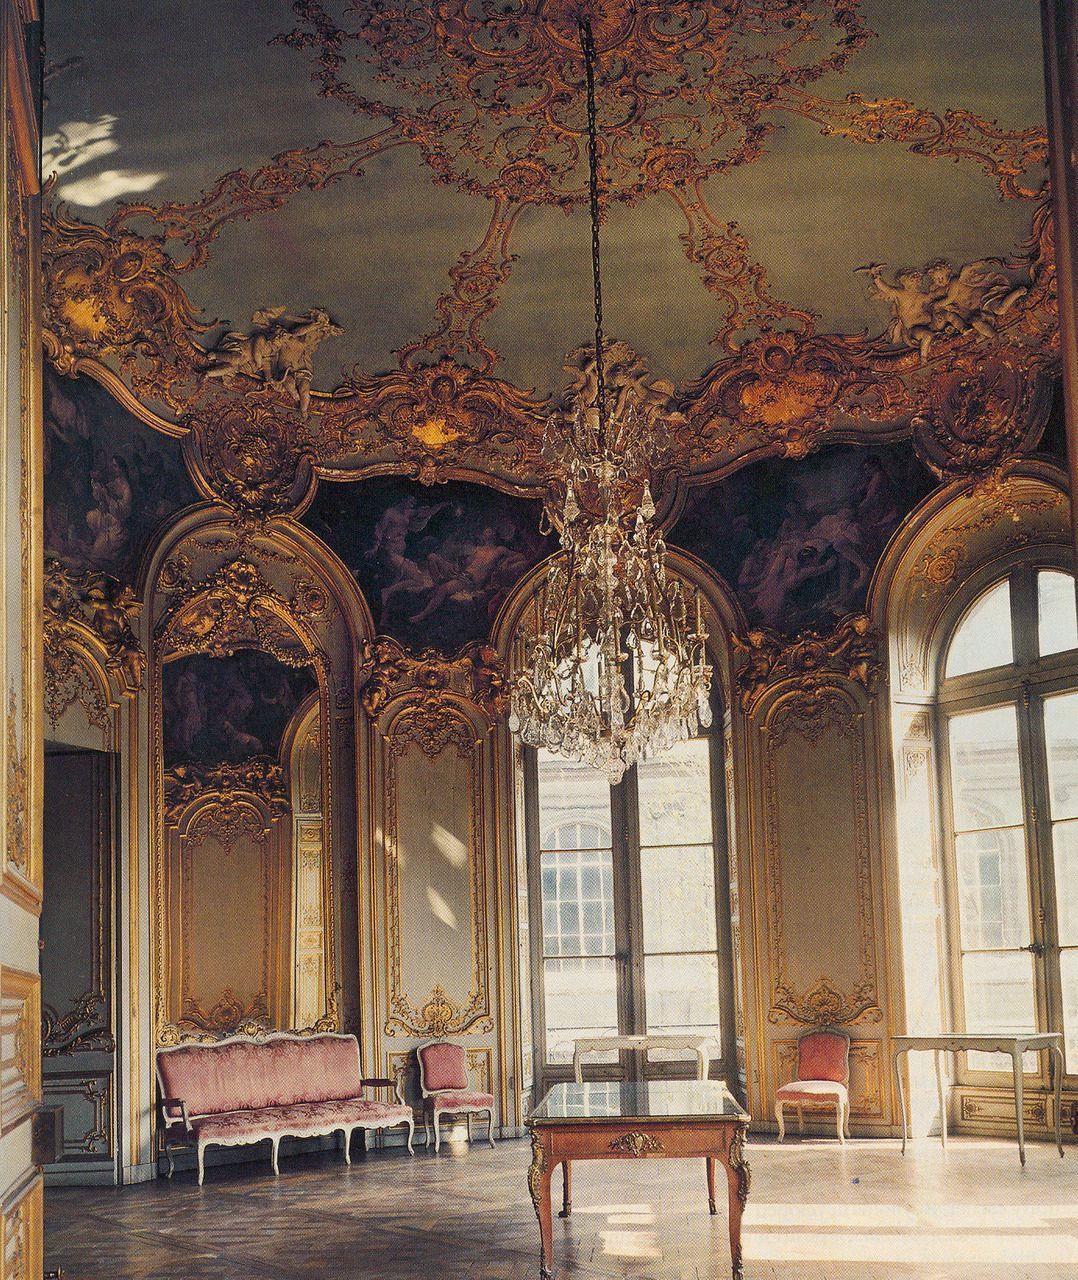 salon de la princesse h tel de soubise in paris 1737 38 decorated by germain boffrand all. Black Bedroom Furniture Sets. Home Design Ideas